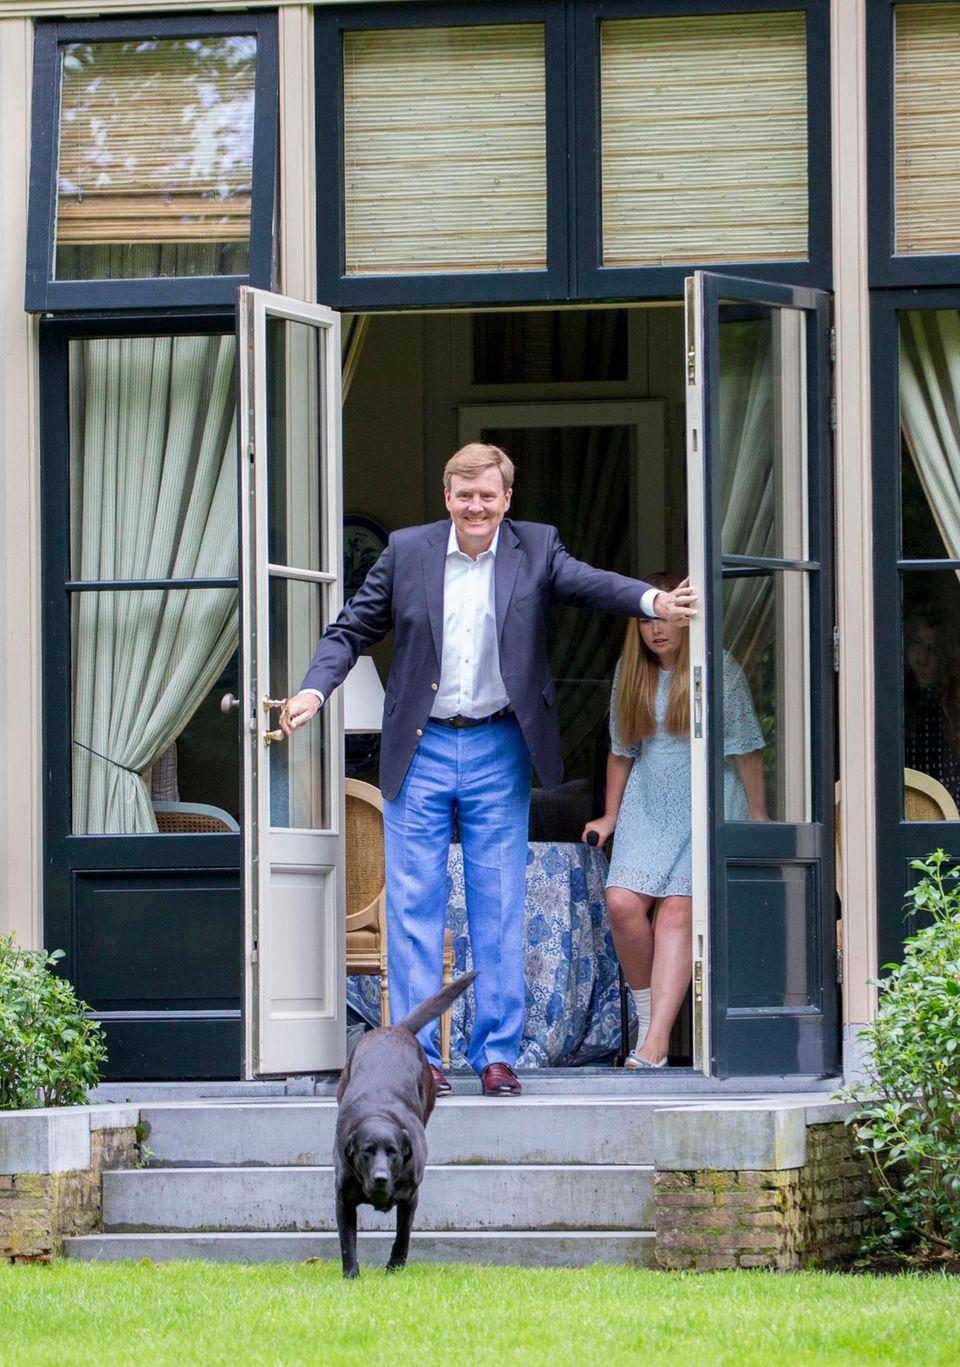 Bestimmt wird Kate auf ihrem ersten Solo-Trip von König Willem-Alexander - hier beim Öffnen der Terrassentür in seiner Villa De Eikenhorst in Wassenaar - herzlich empfangen werden.